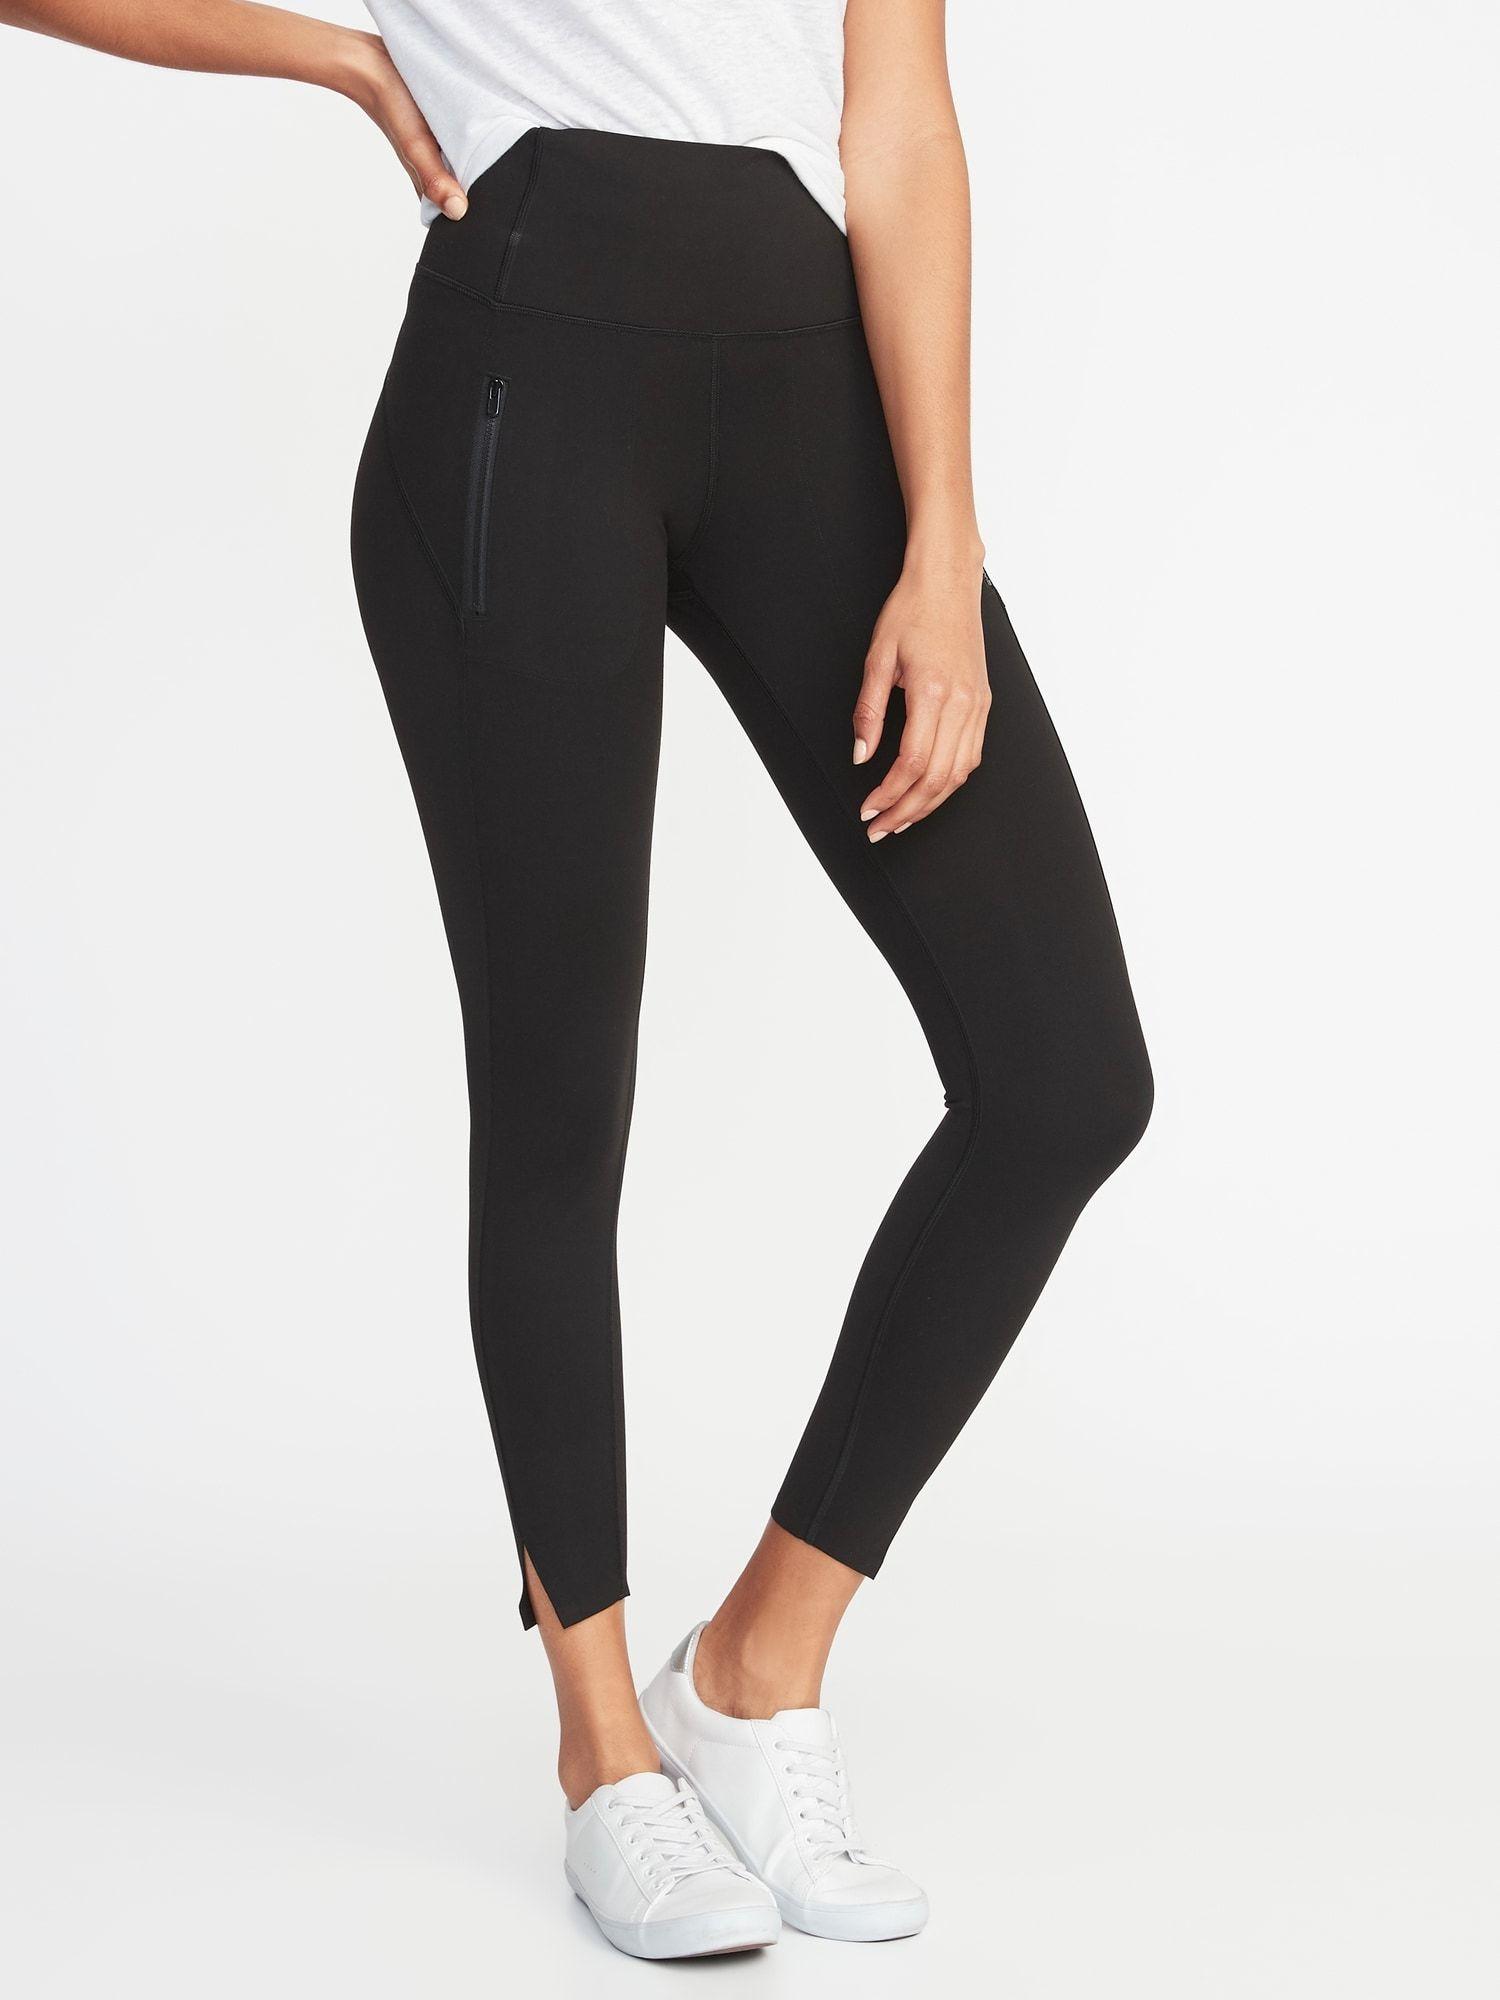 51e865b64ebdf0 High-Rise Zip-Pocket 7/8-Length Street Leggings for Women | Old Navy